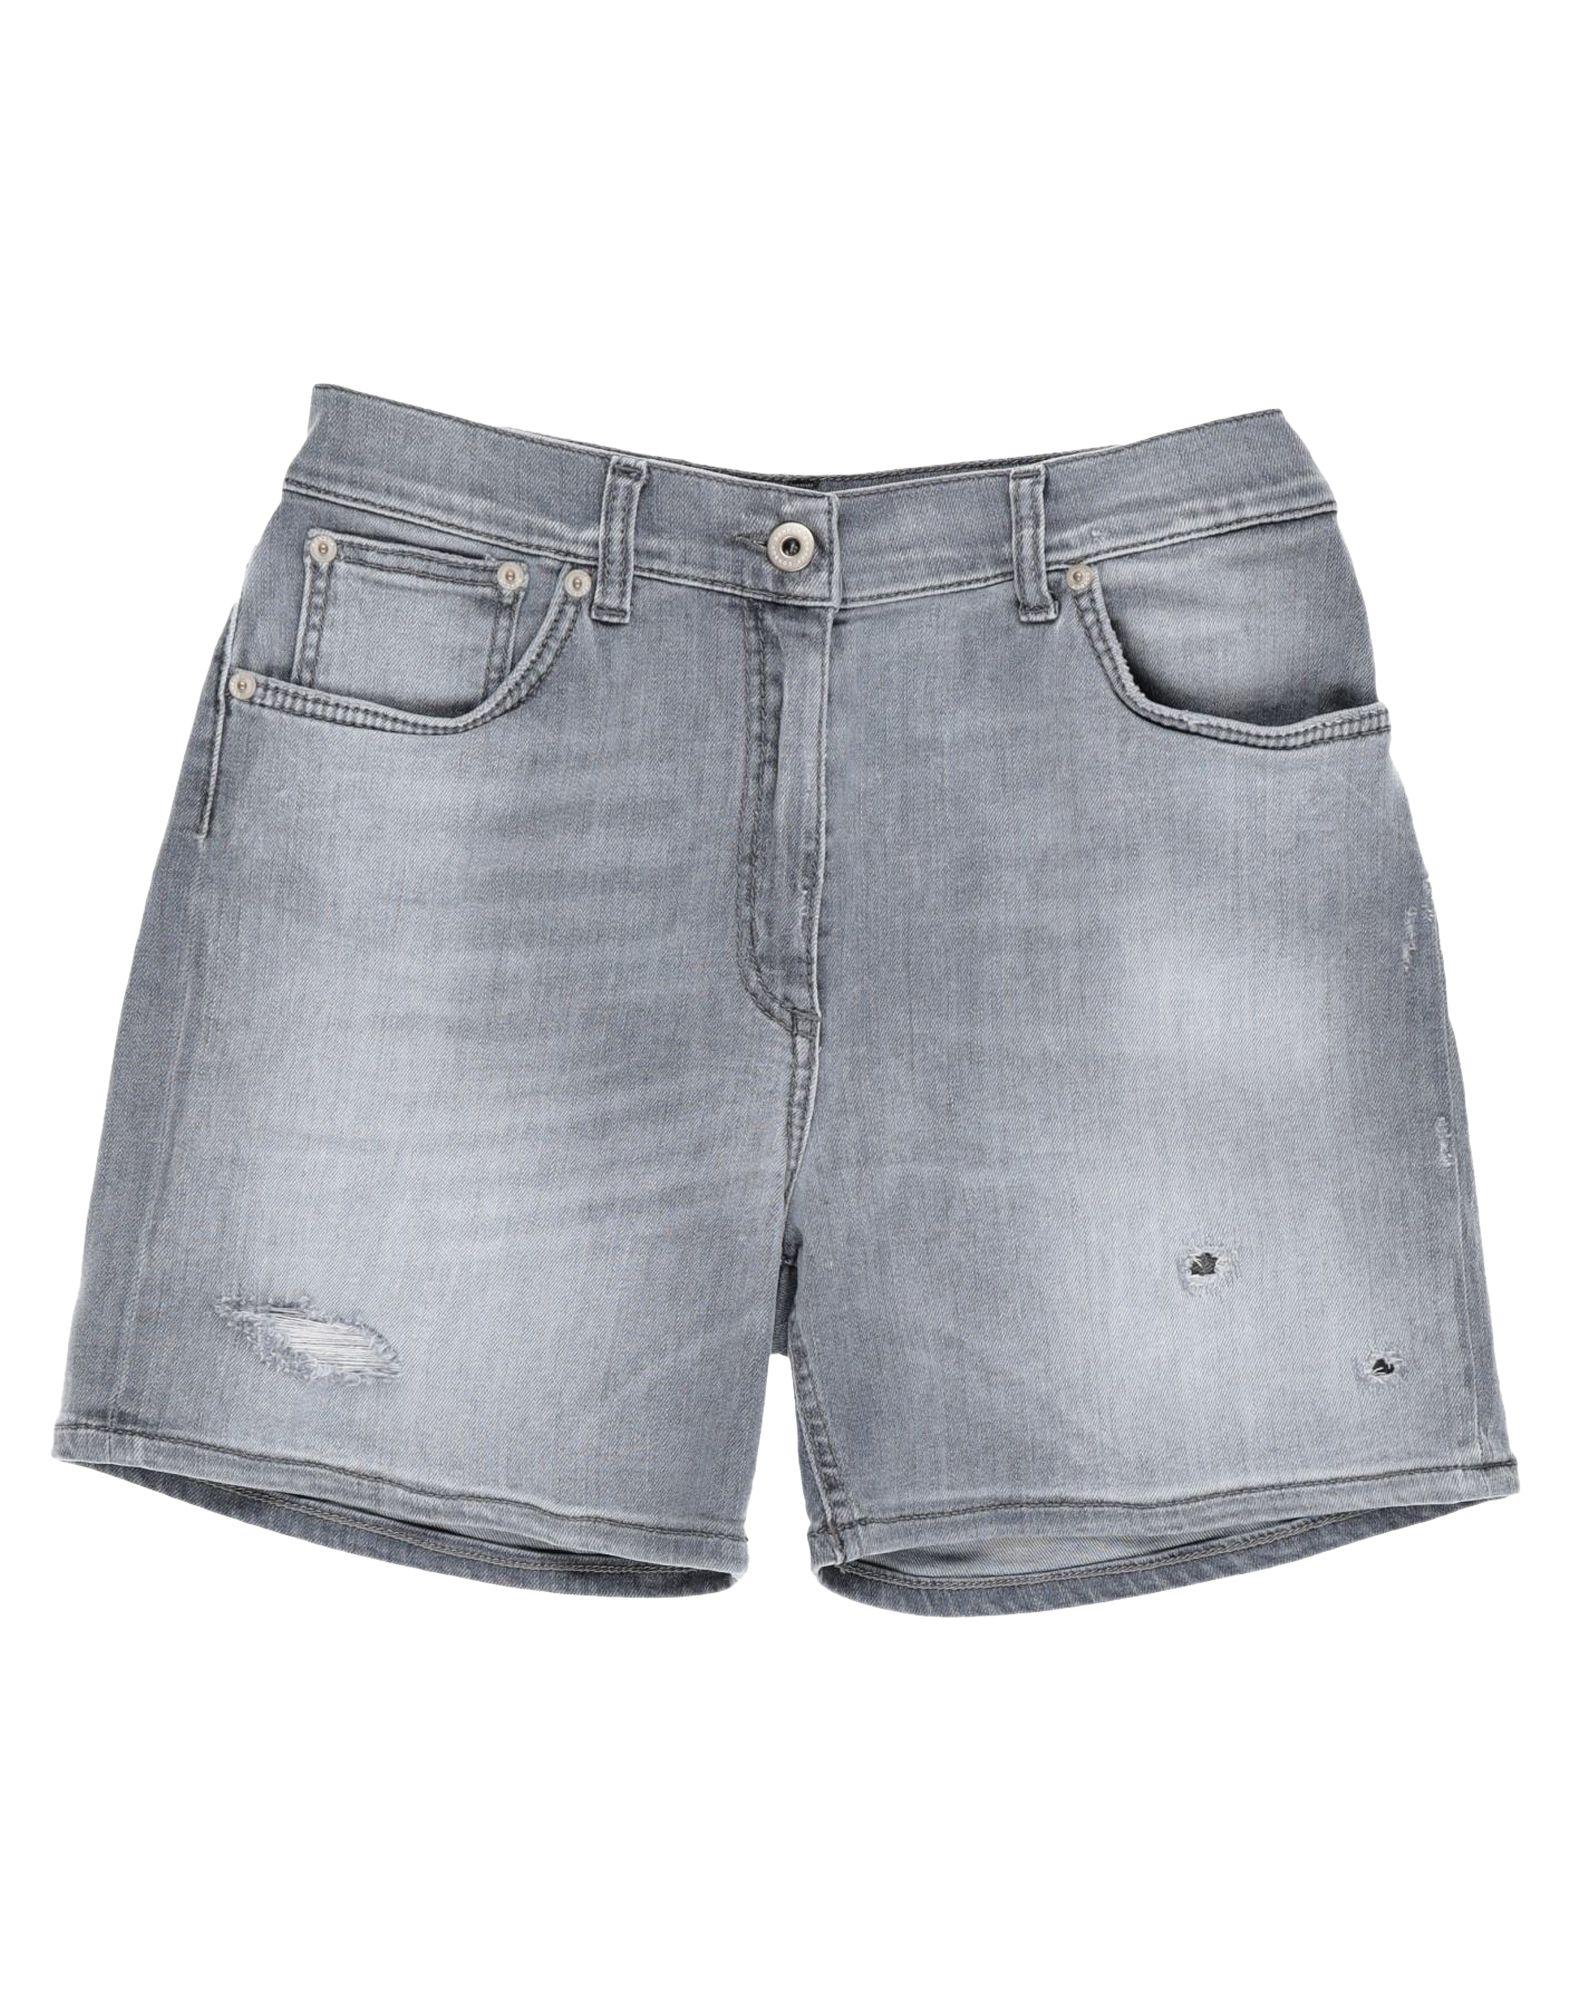 Фото - DONDUP Джинсовые шорты please джинсовые шорты